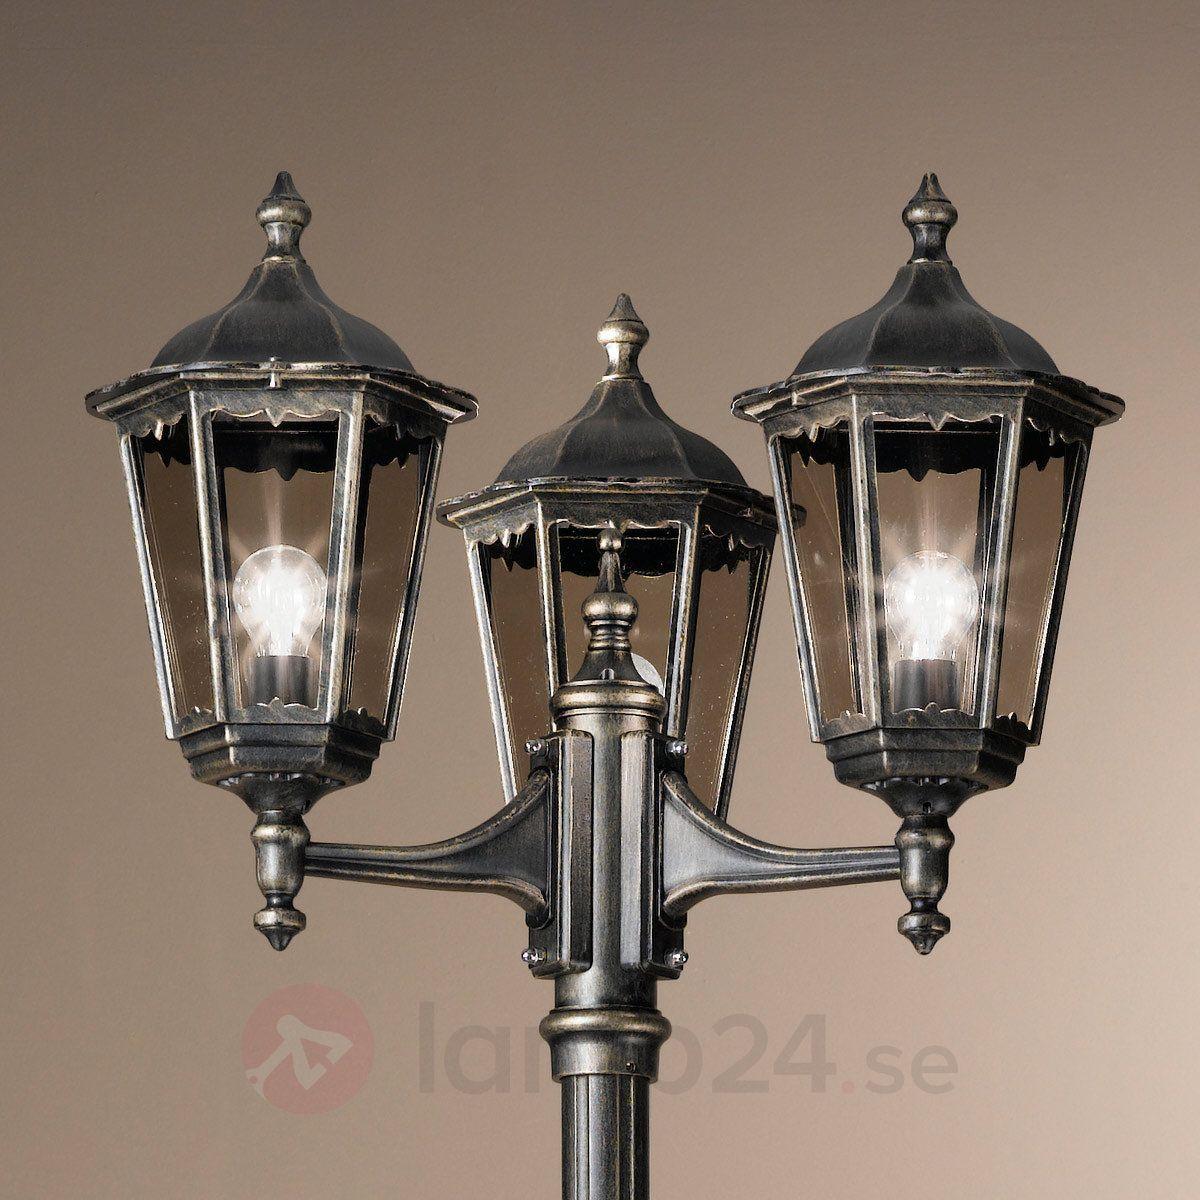 Trearmad stolplampa Fabio 255 cm beställ säkert & bekvämt på Lamp24.se.